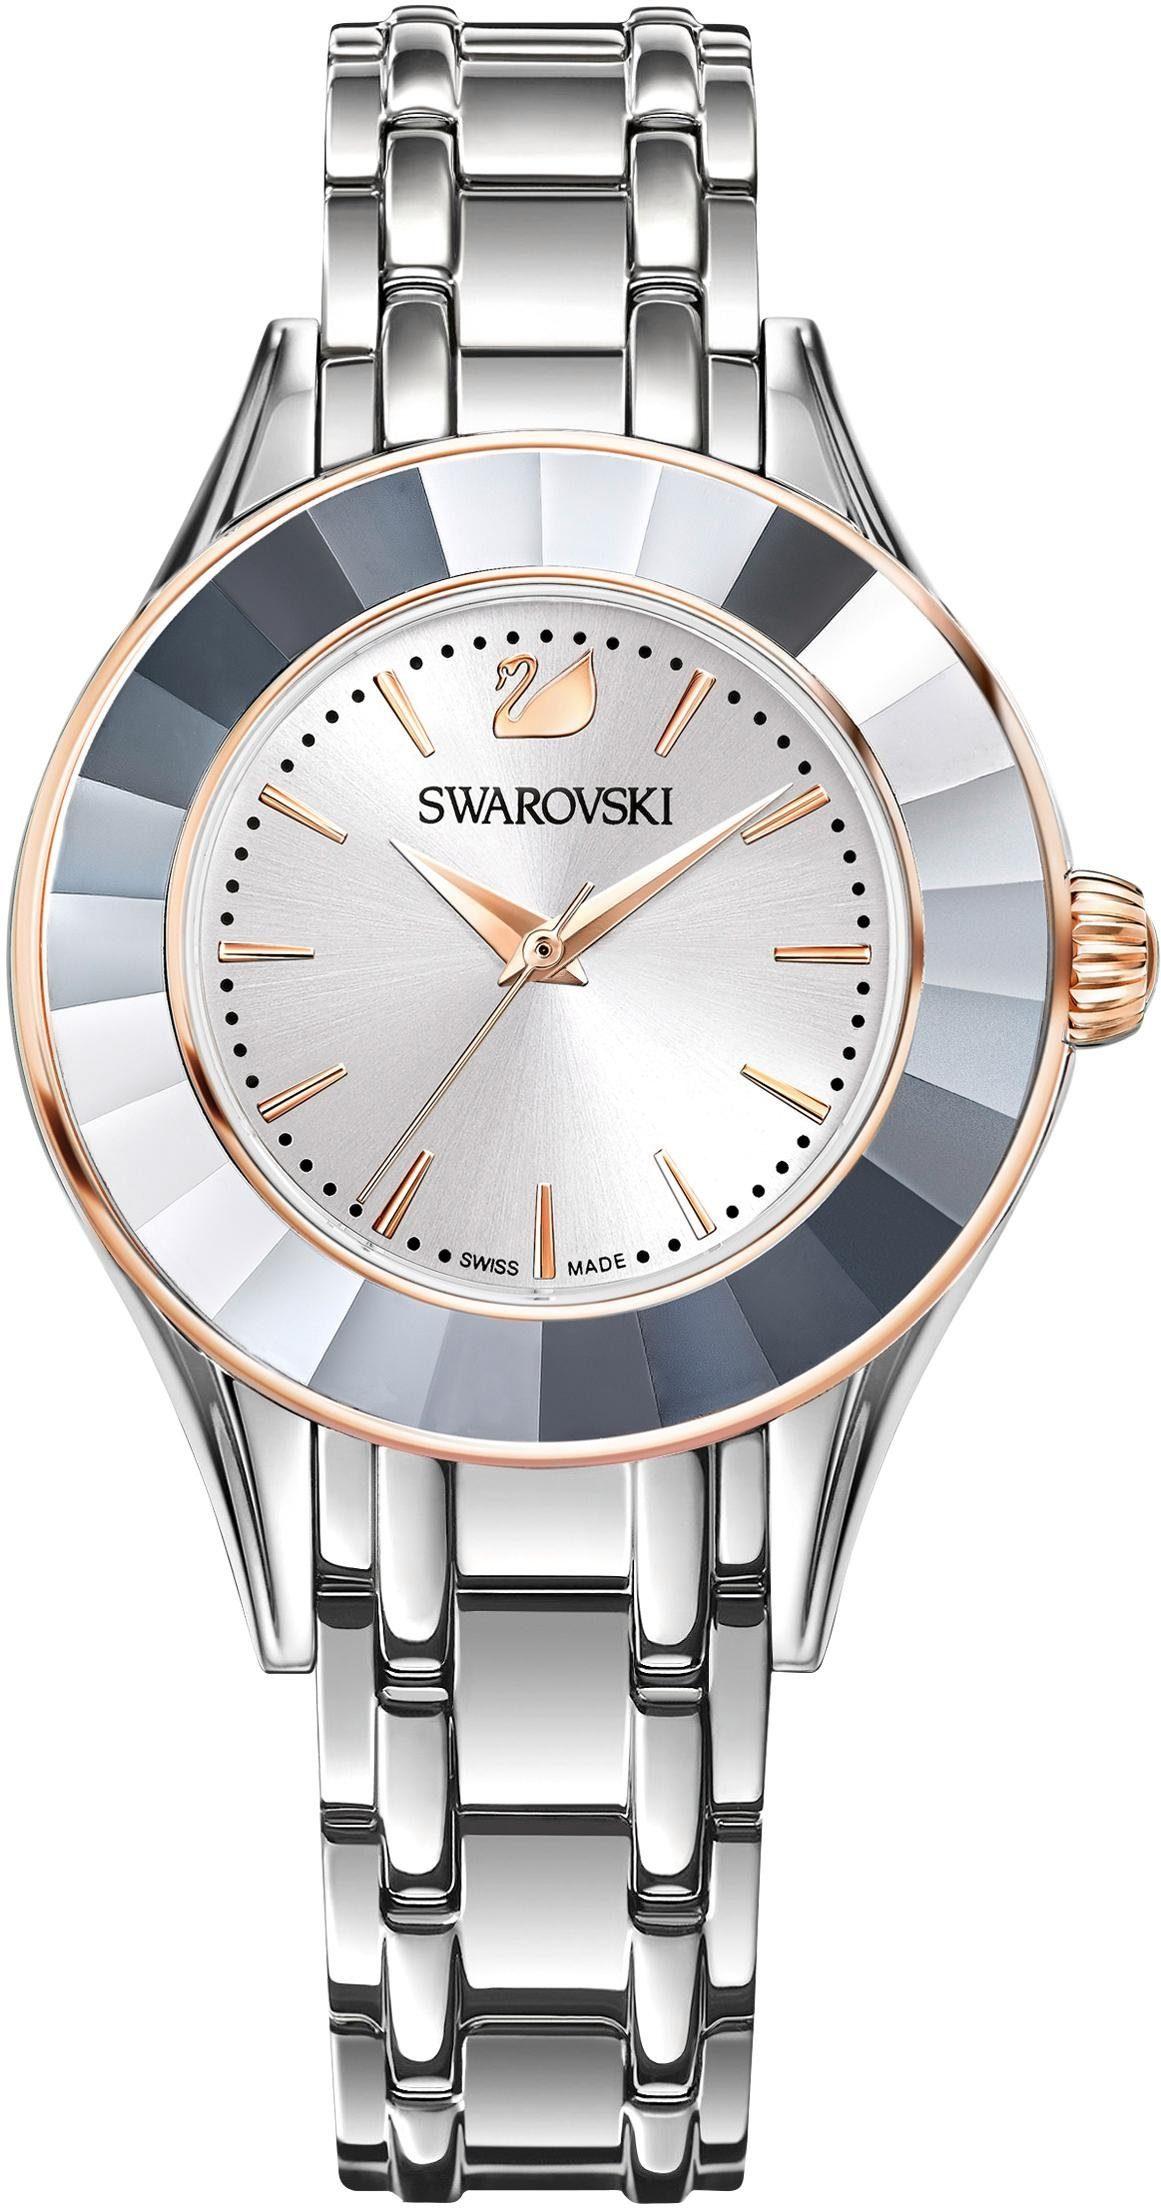 Swarovski Schweizer Uhr »Alegria Uhr, Metallarmband, weiss, silberfarben, 5261664«